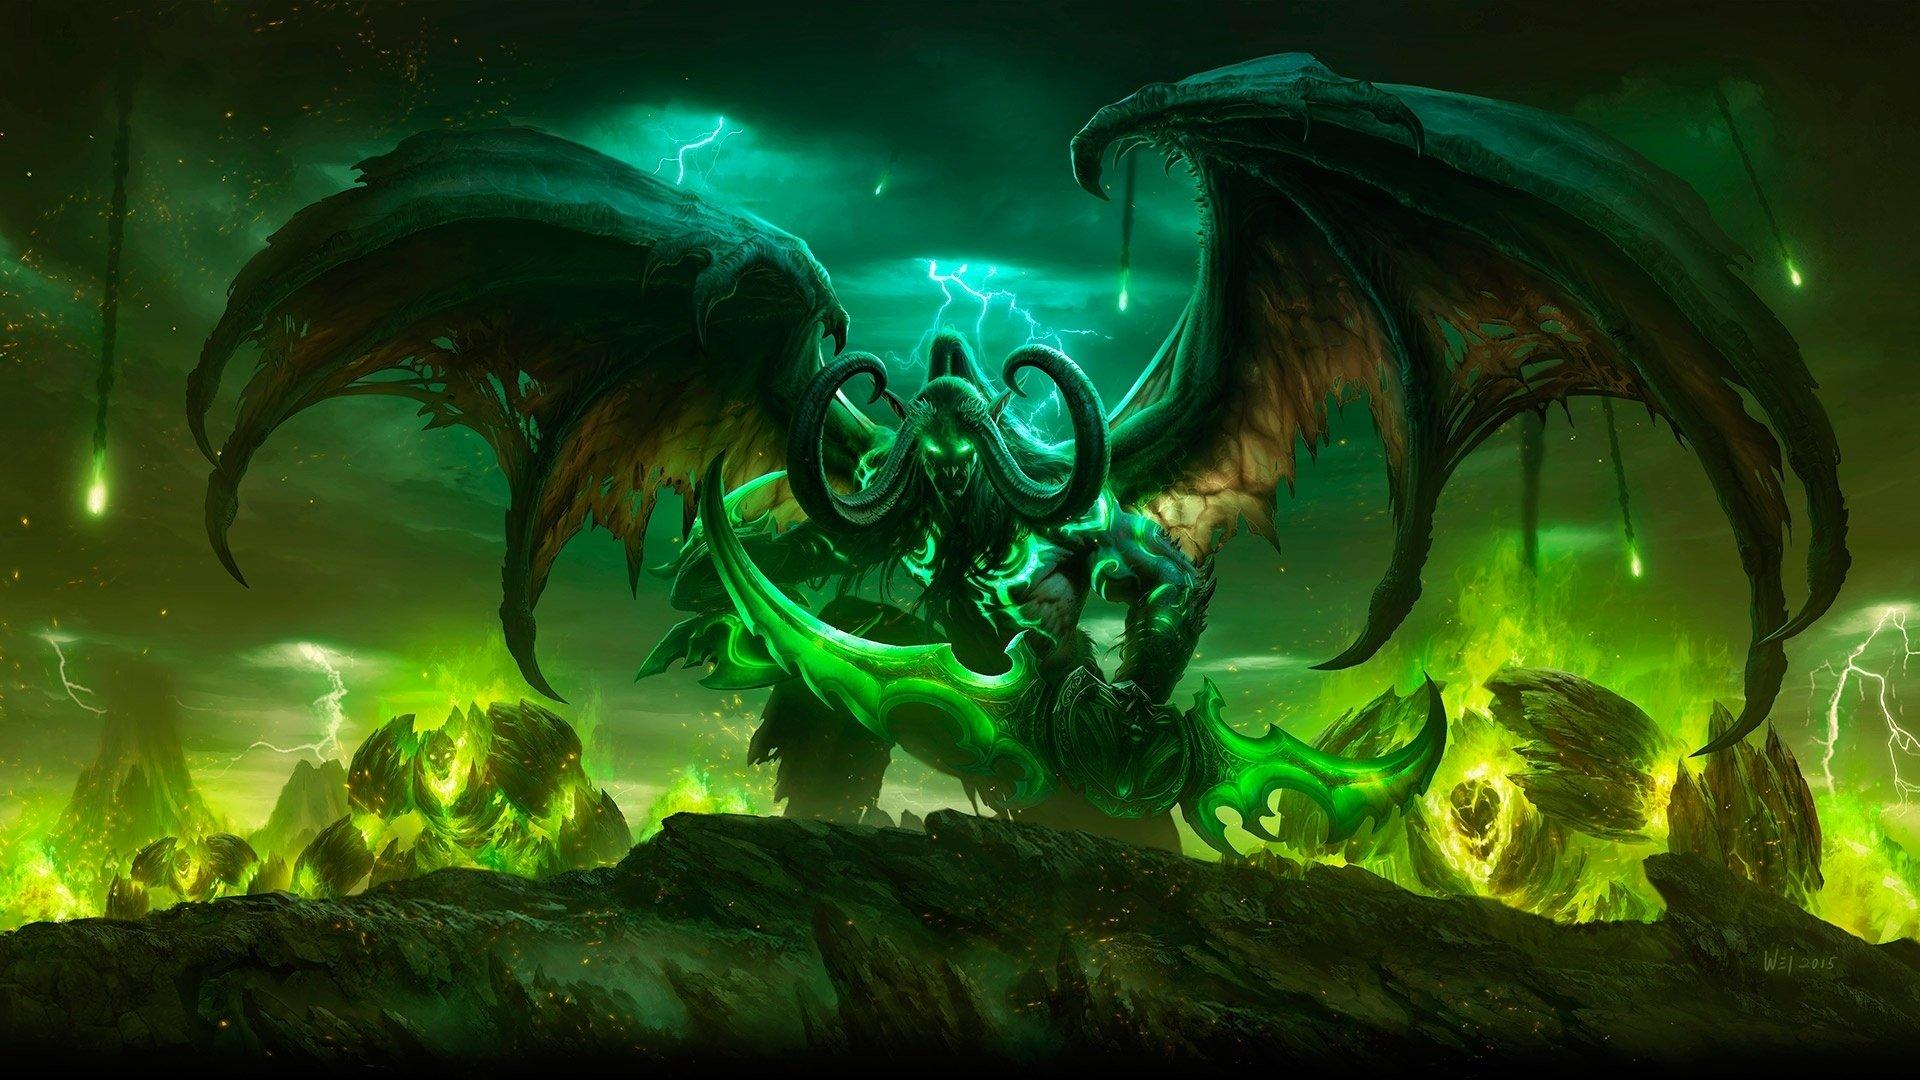 fond d'ecran world of warcraft